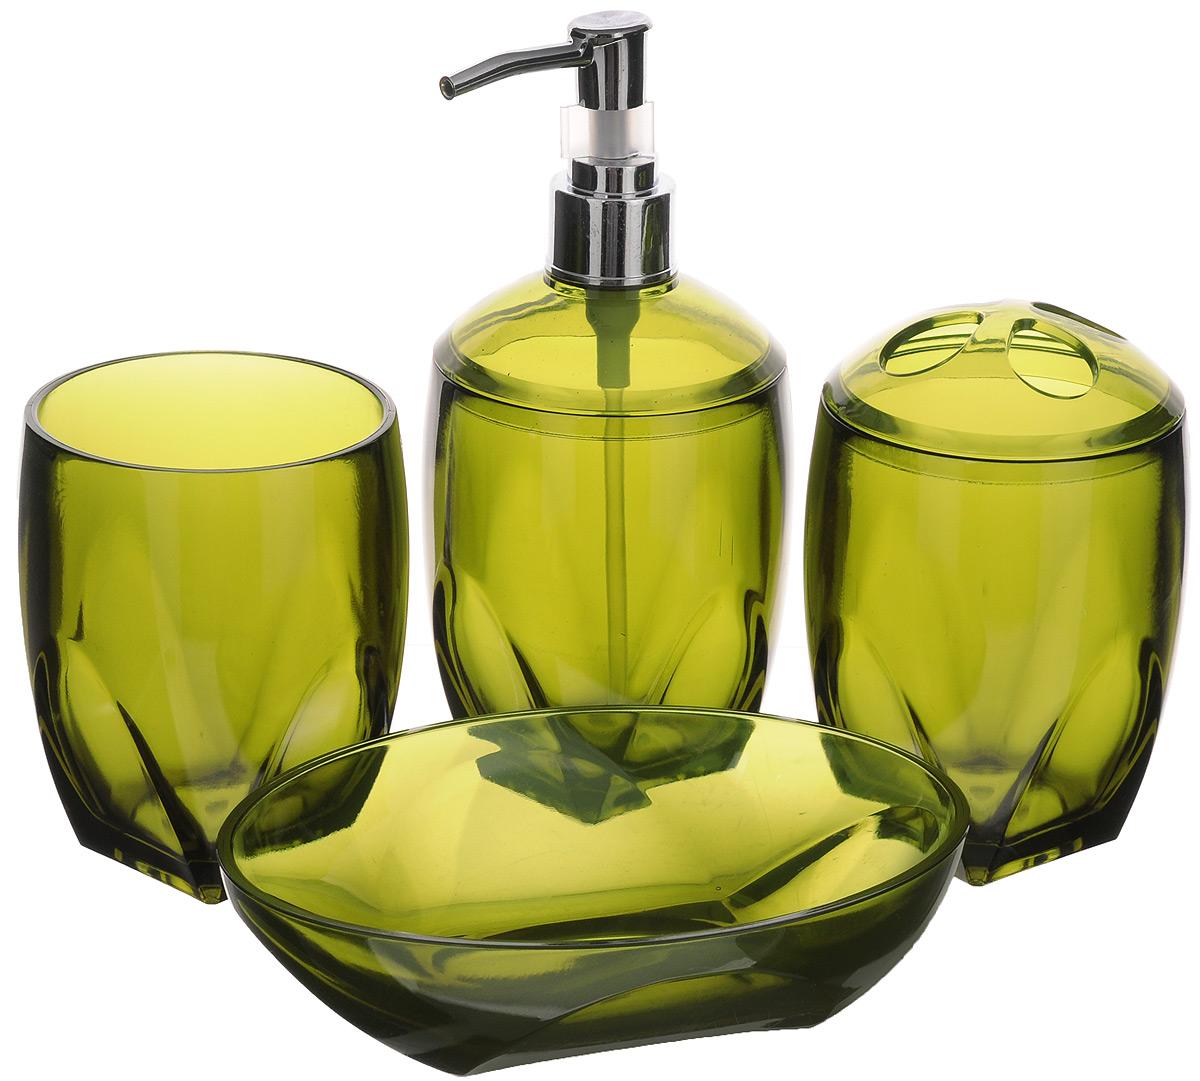 Набор для ванной комнаты Aqva Line Олива, 4 предметаPANTERA SPX-2RSНабор для ванной комнаты Aqua Line Олива включает стакан,подставку для зубных щеток, мыльницу и диспенсер для жидкогомыла с металлическим дозатором. Набор выполнен из прочного цветного пластика высокого качества. Все элементы выдержаны в одном стиле, что позволяет создать вванной комнате стильный и оригинальный функционально-декоративный ансамбль. Такой набор аксессуаров придаст интерьерувашей ванной комнаты элегантность и современность. Размер мыльницы: 15 х 11 х 4 см. Размер стакана/подставки: 7,5 х 7,5 х 10 см. Размеры диспенсера: 7,5 х 7,5 х 17 см.